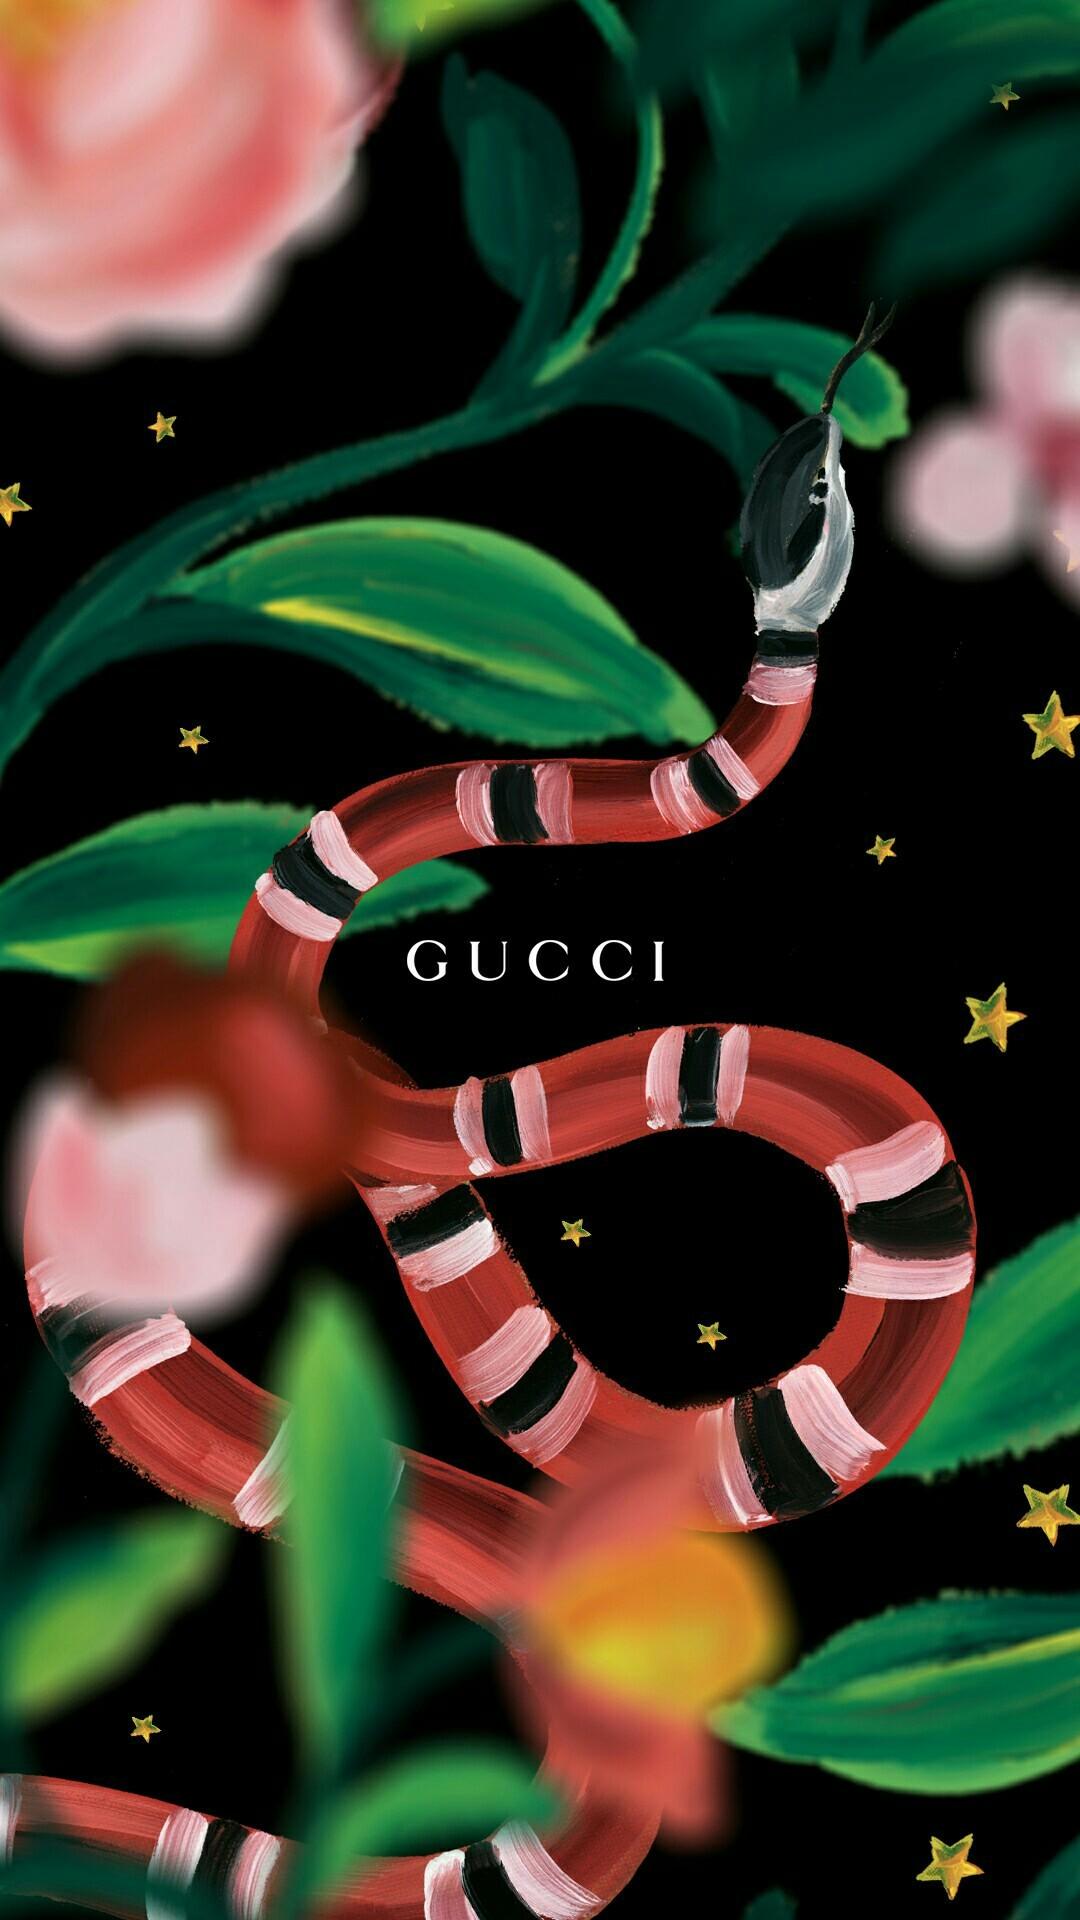 Explore Fashion Wallpaper, Gucci, and more!